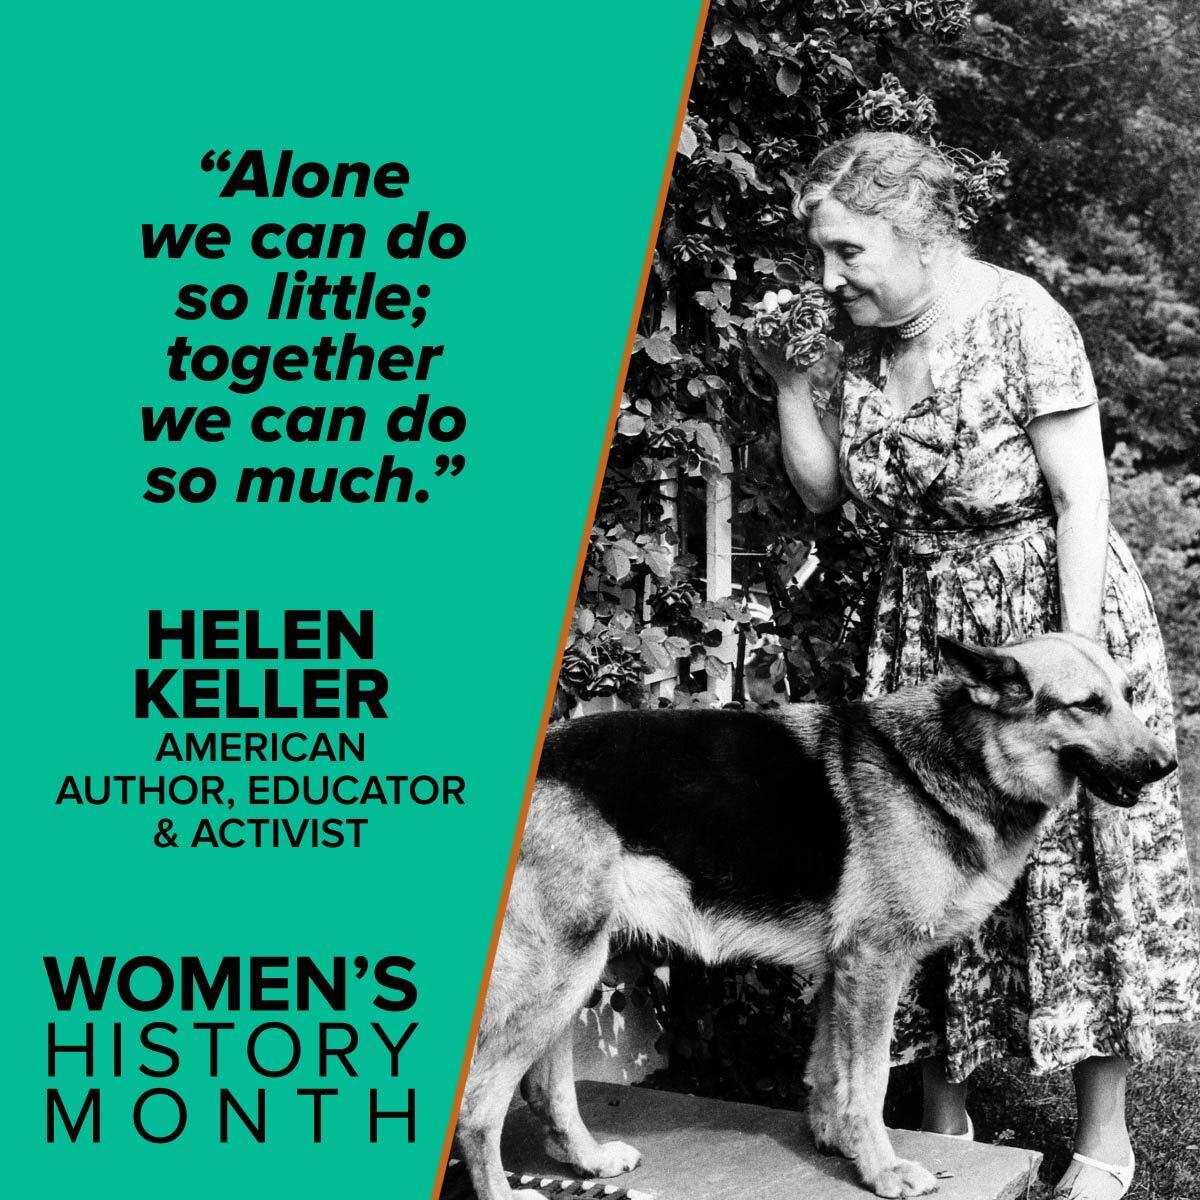 Women's History Month_Helen Keller .jpg